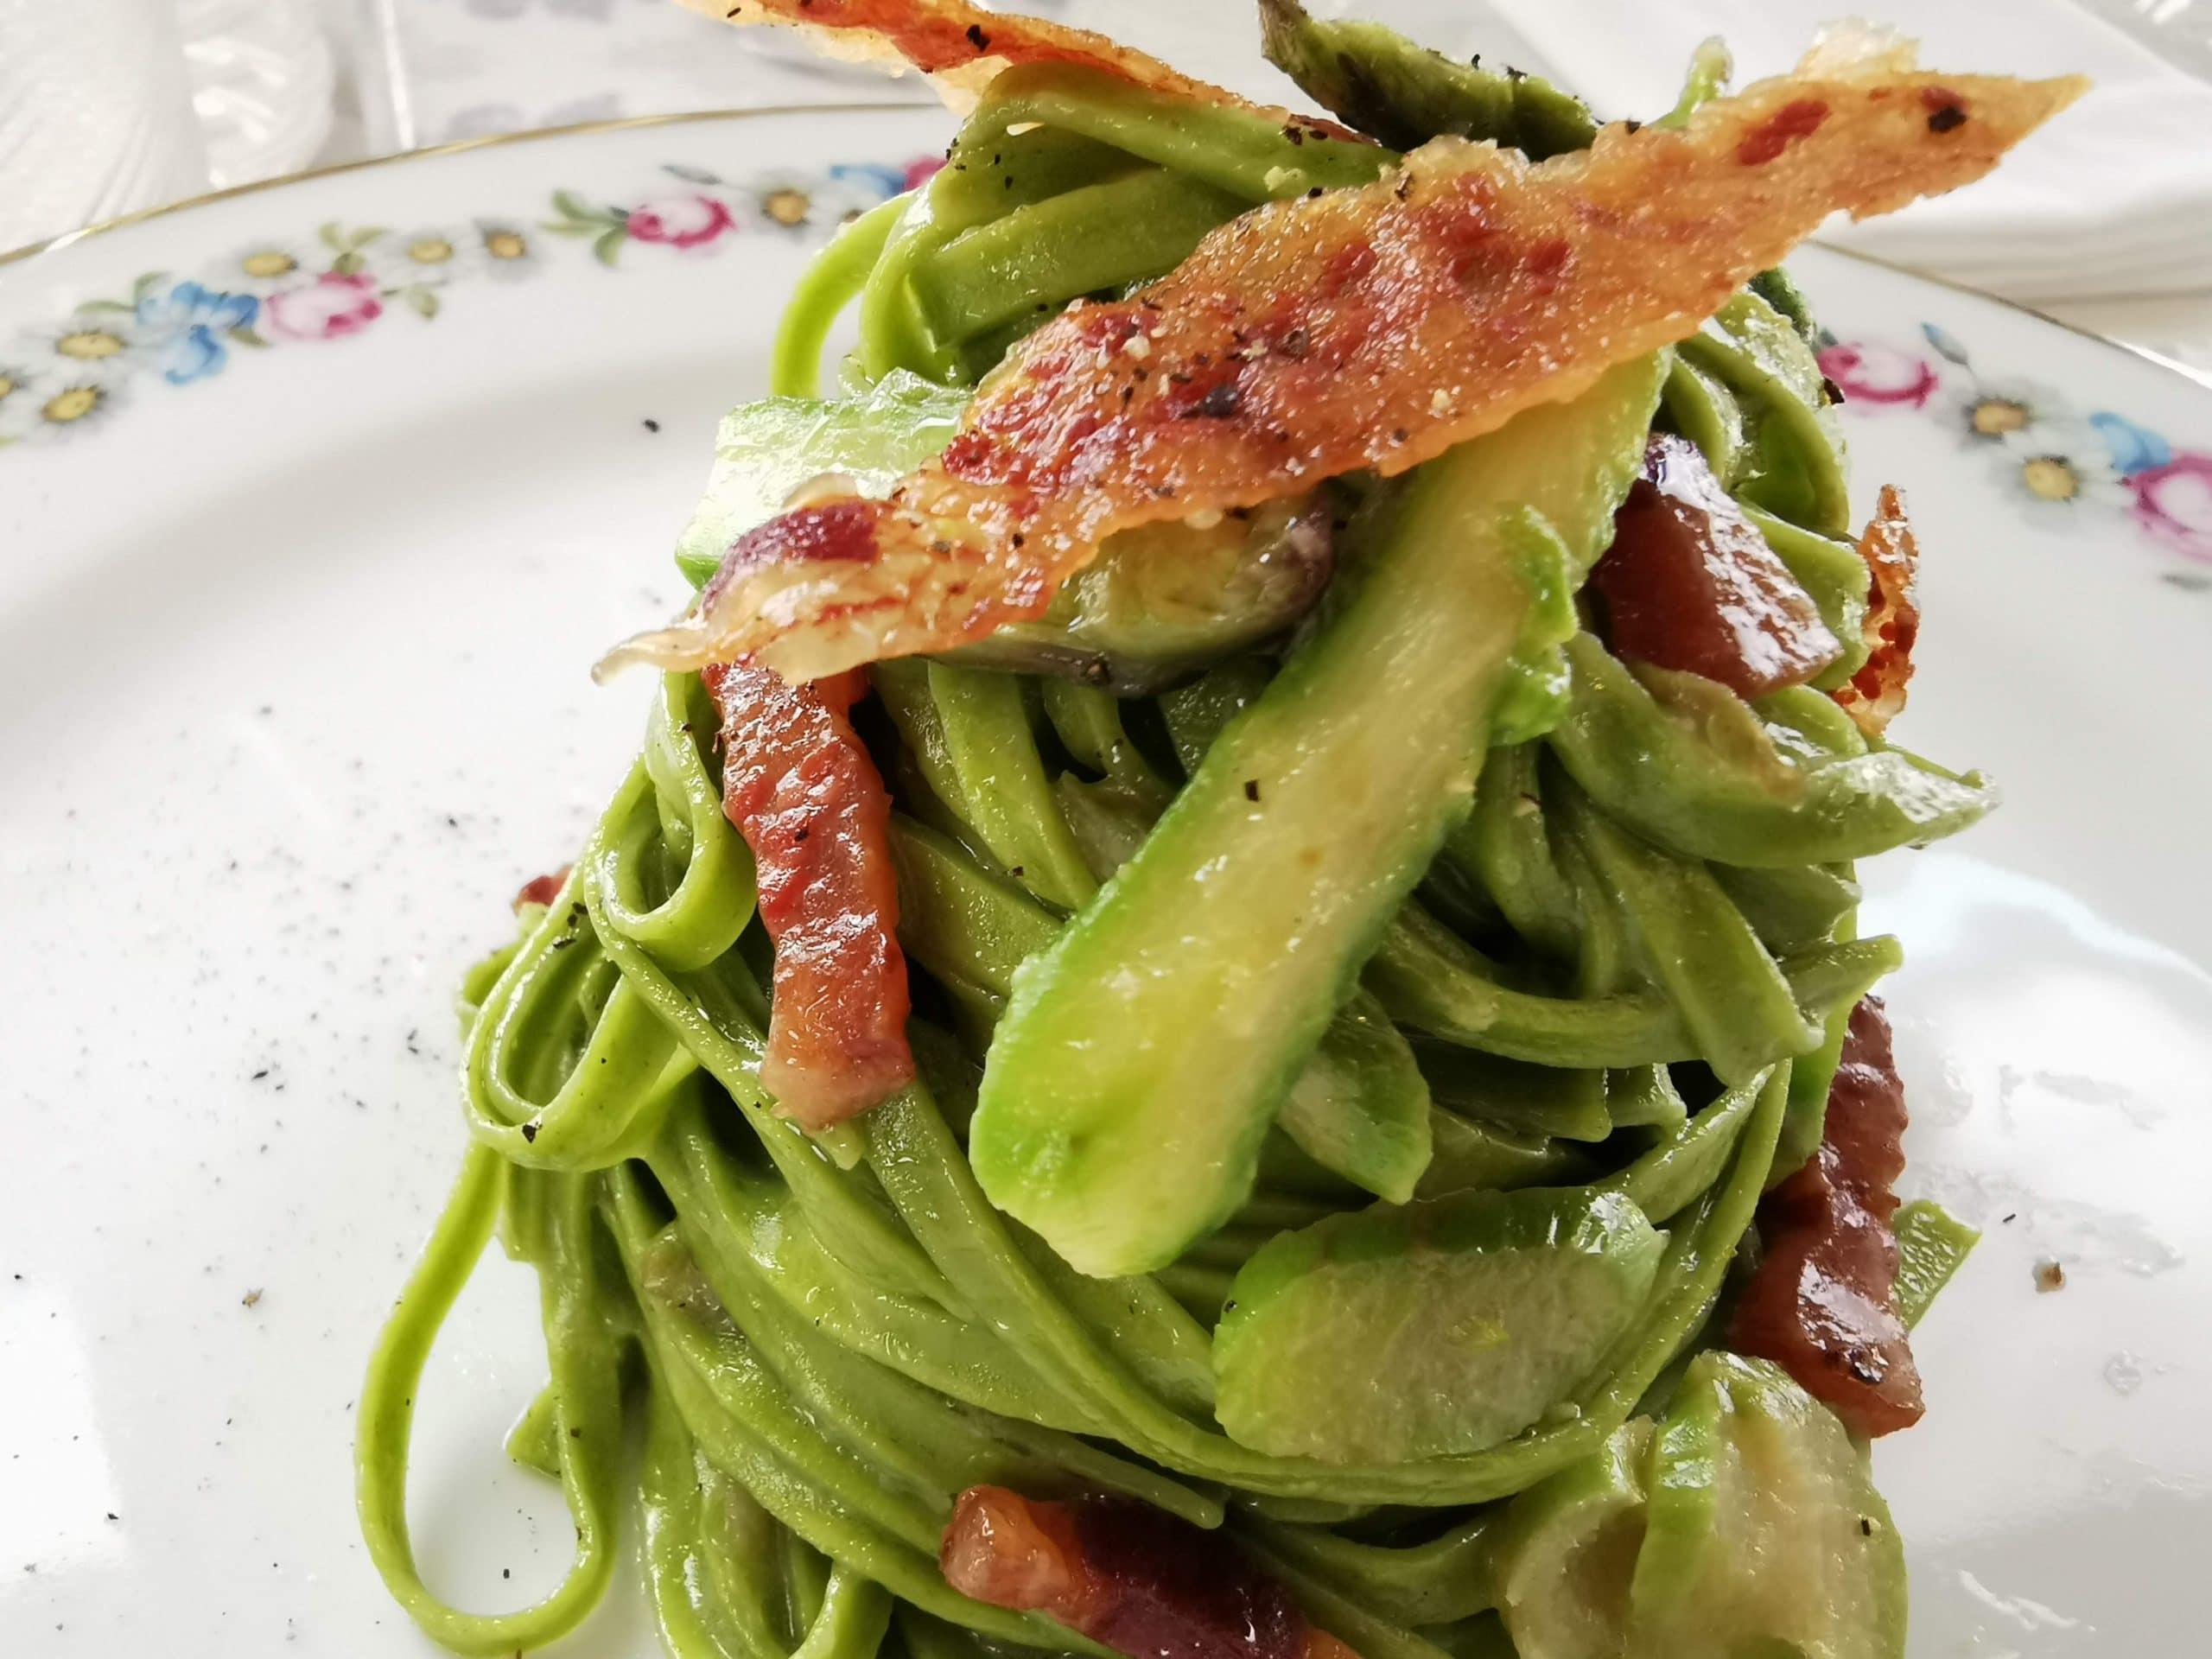 alt= tagliatella verde fatta in casa con punte di asparago fresco e guanciale croccante